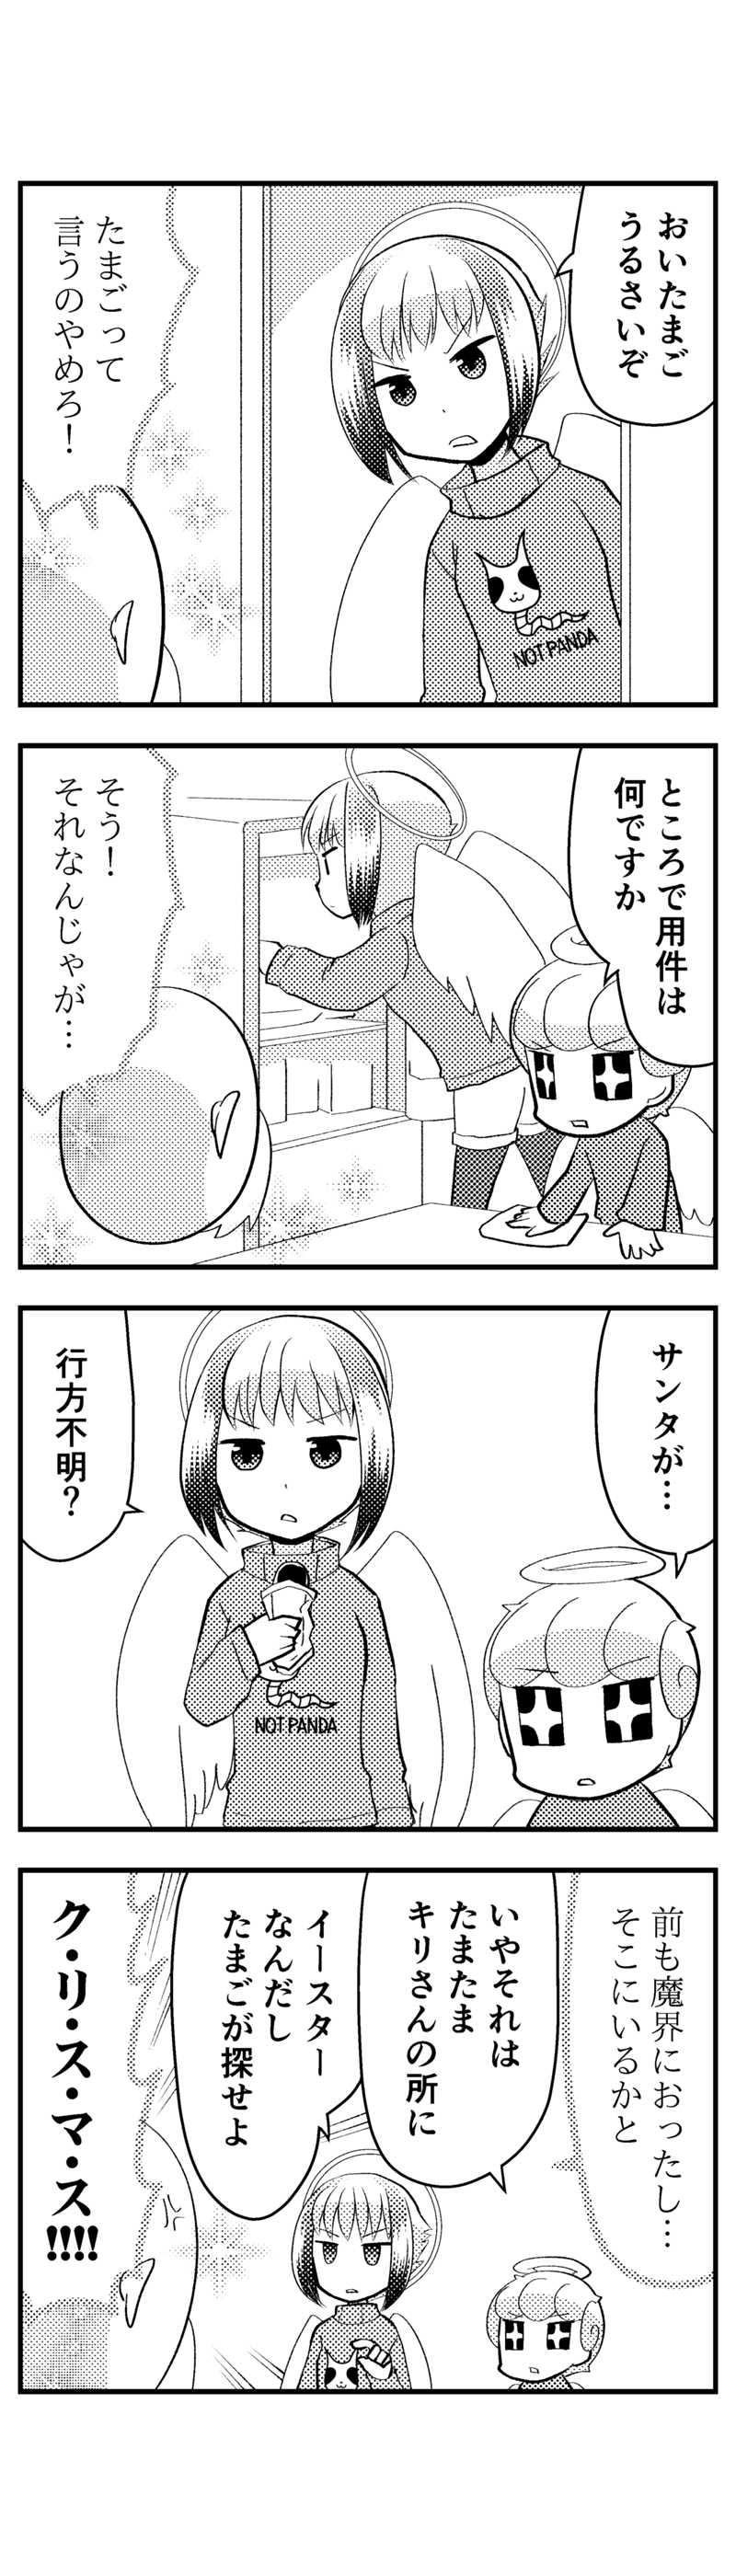 108 炎上のメリークリスマス